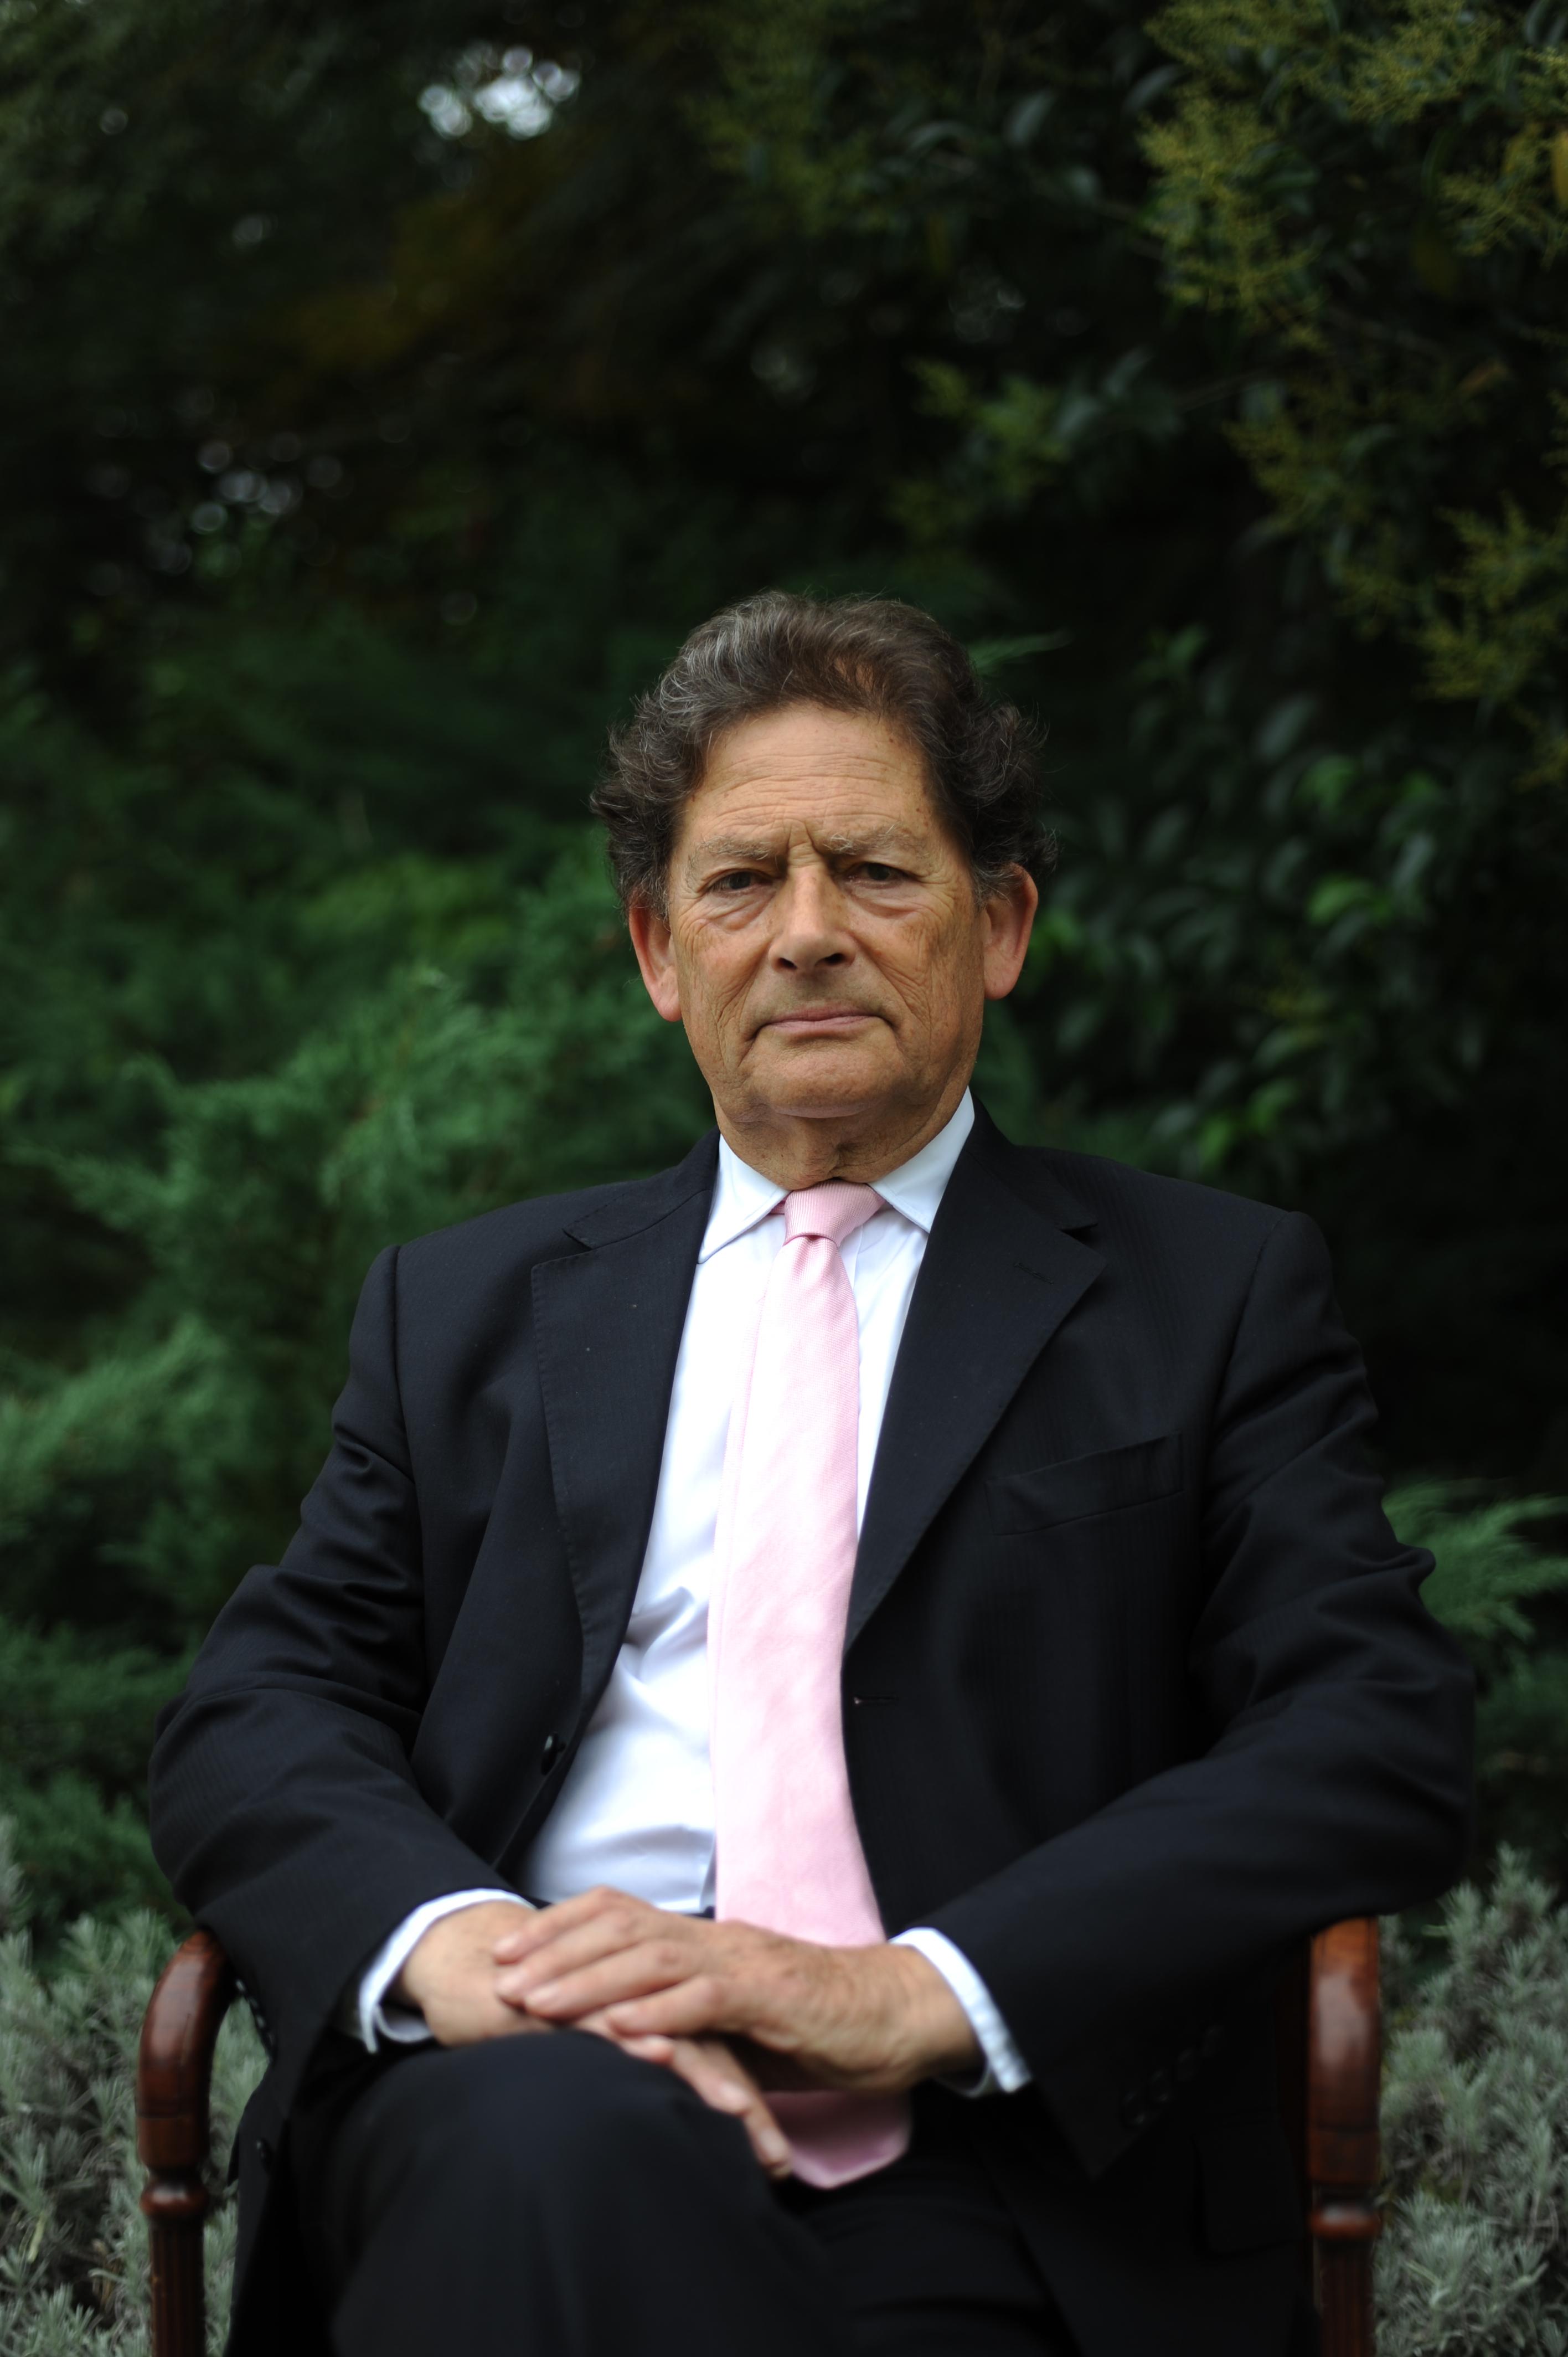 Lord Nigel Lawson - ideacity